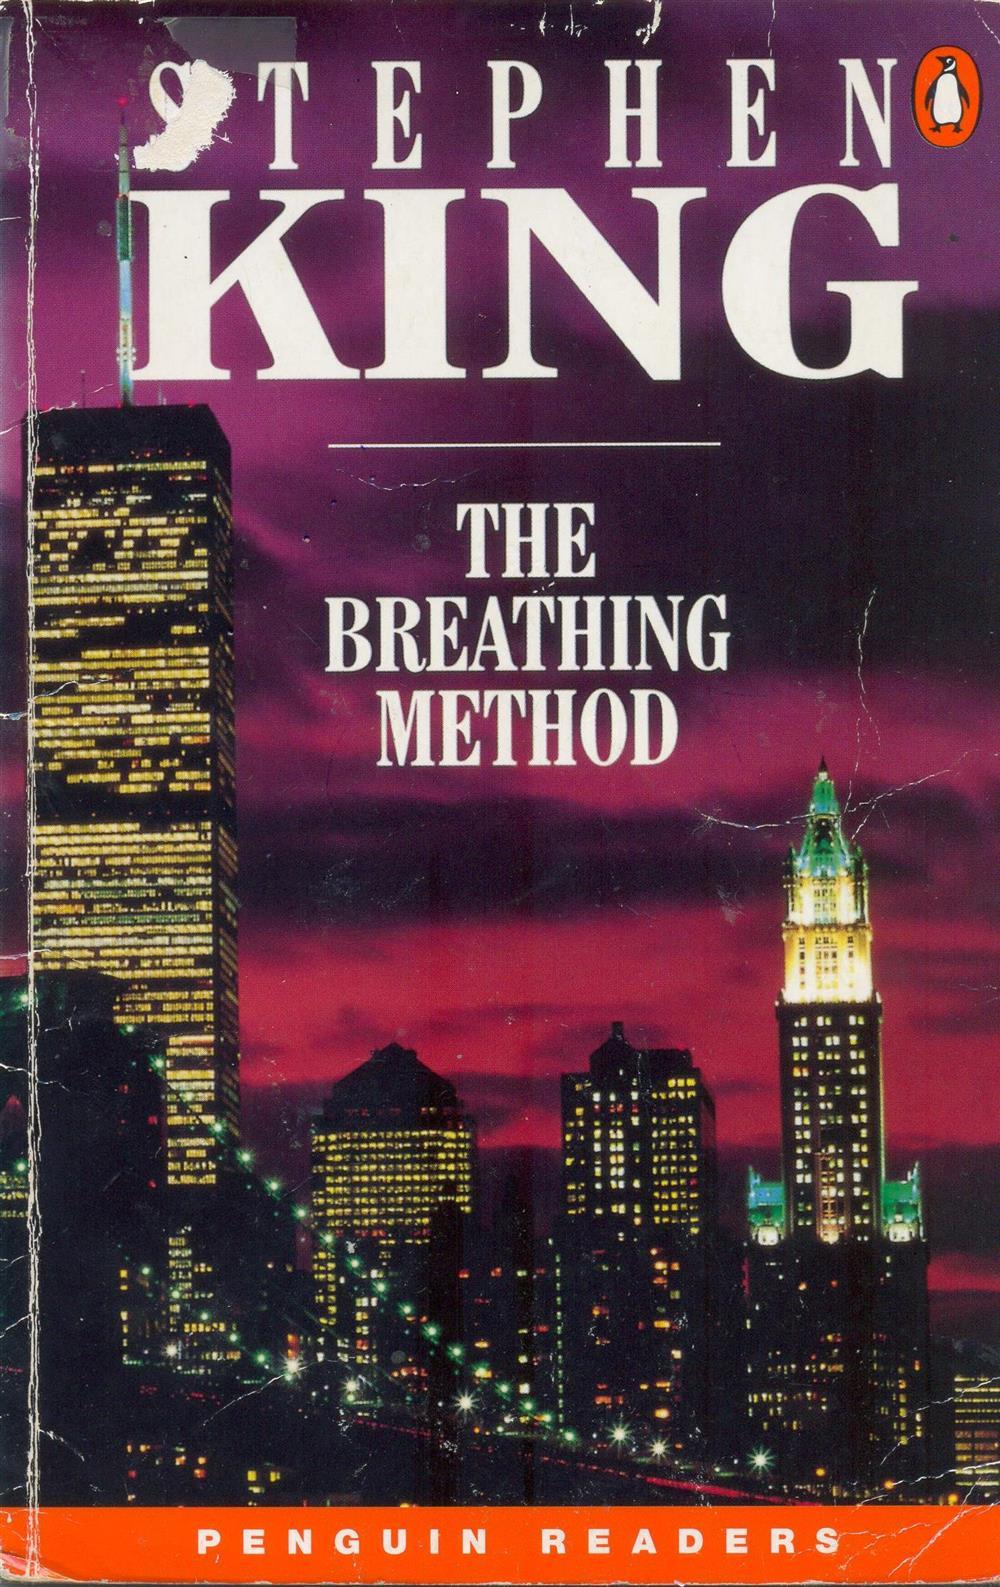 The breathing method 001.jpg